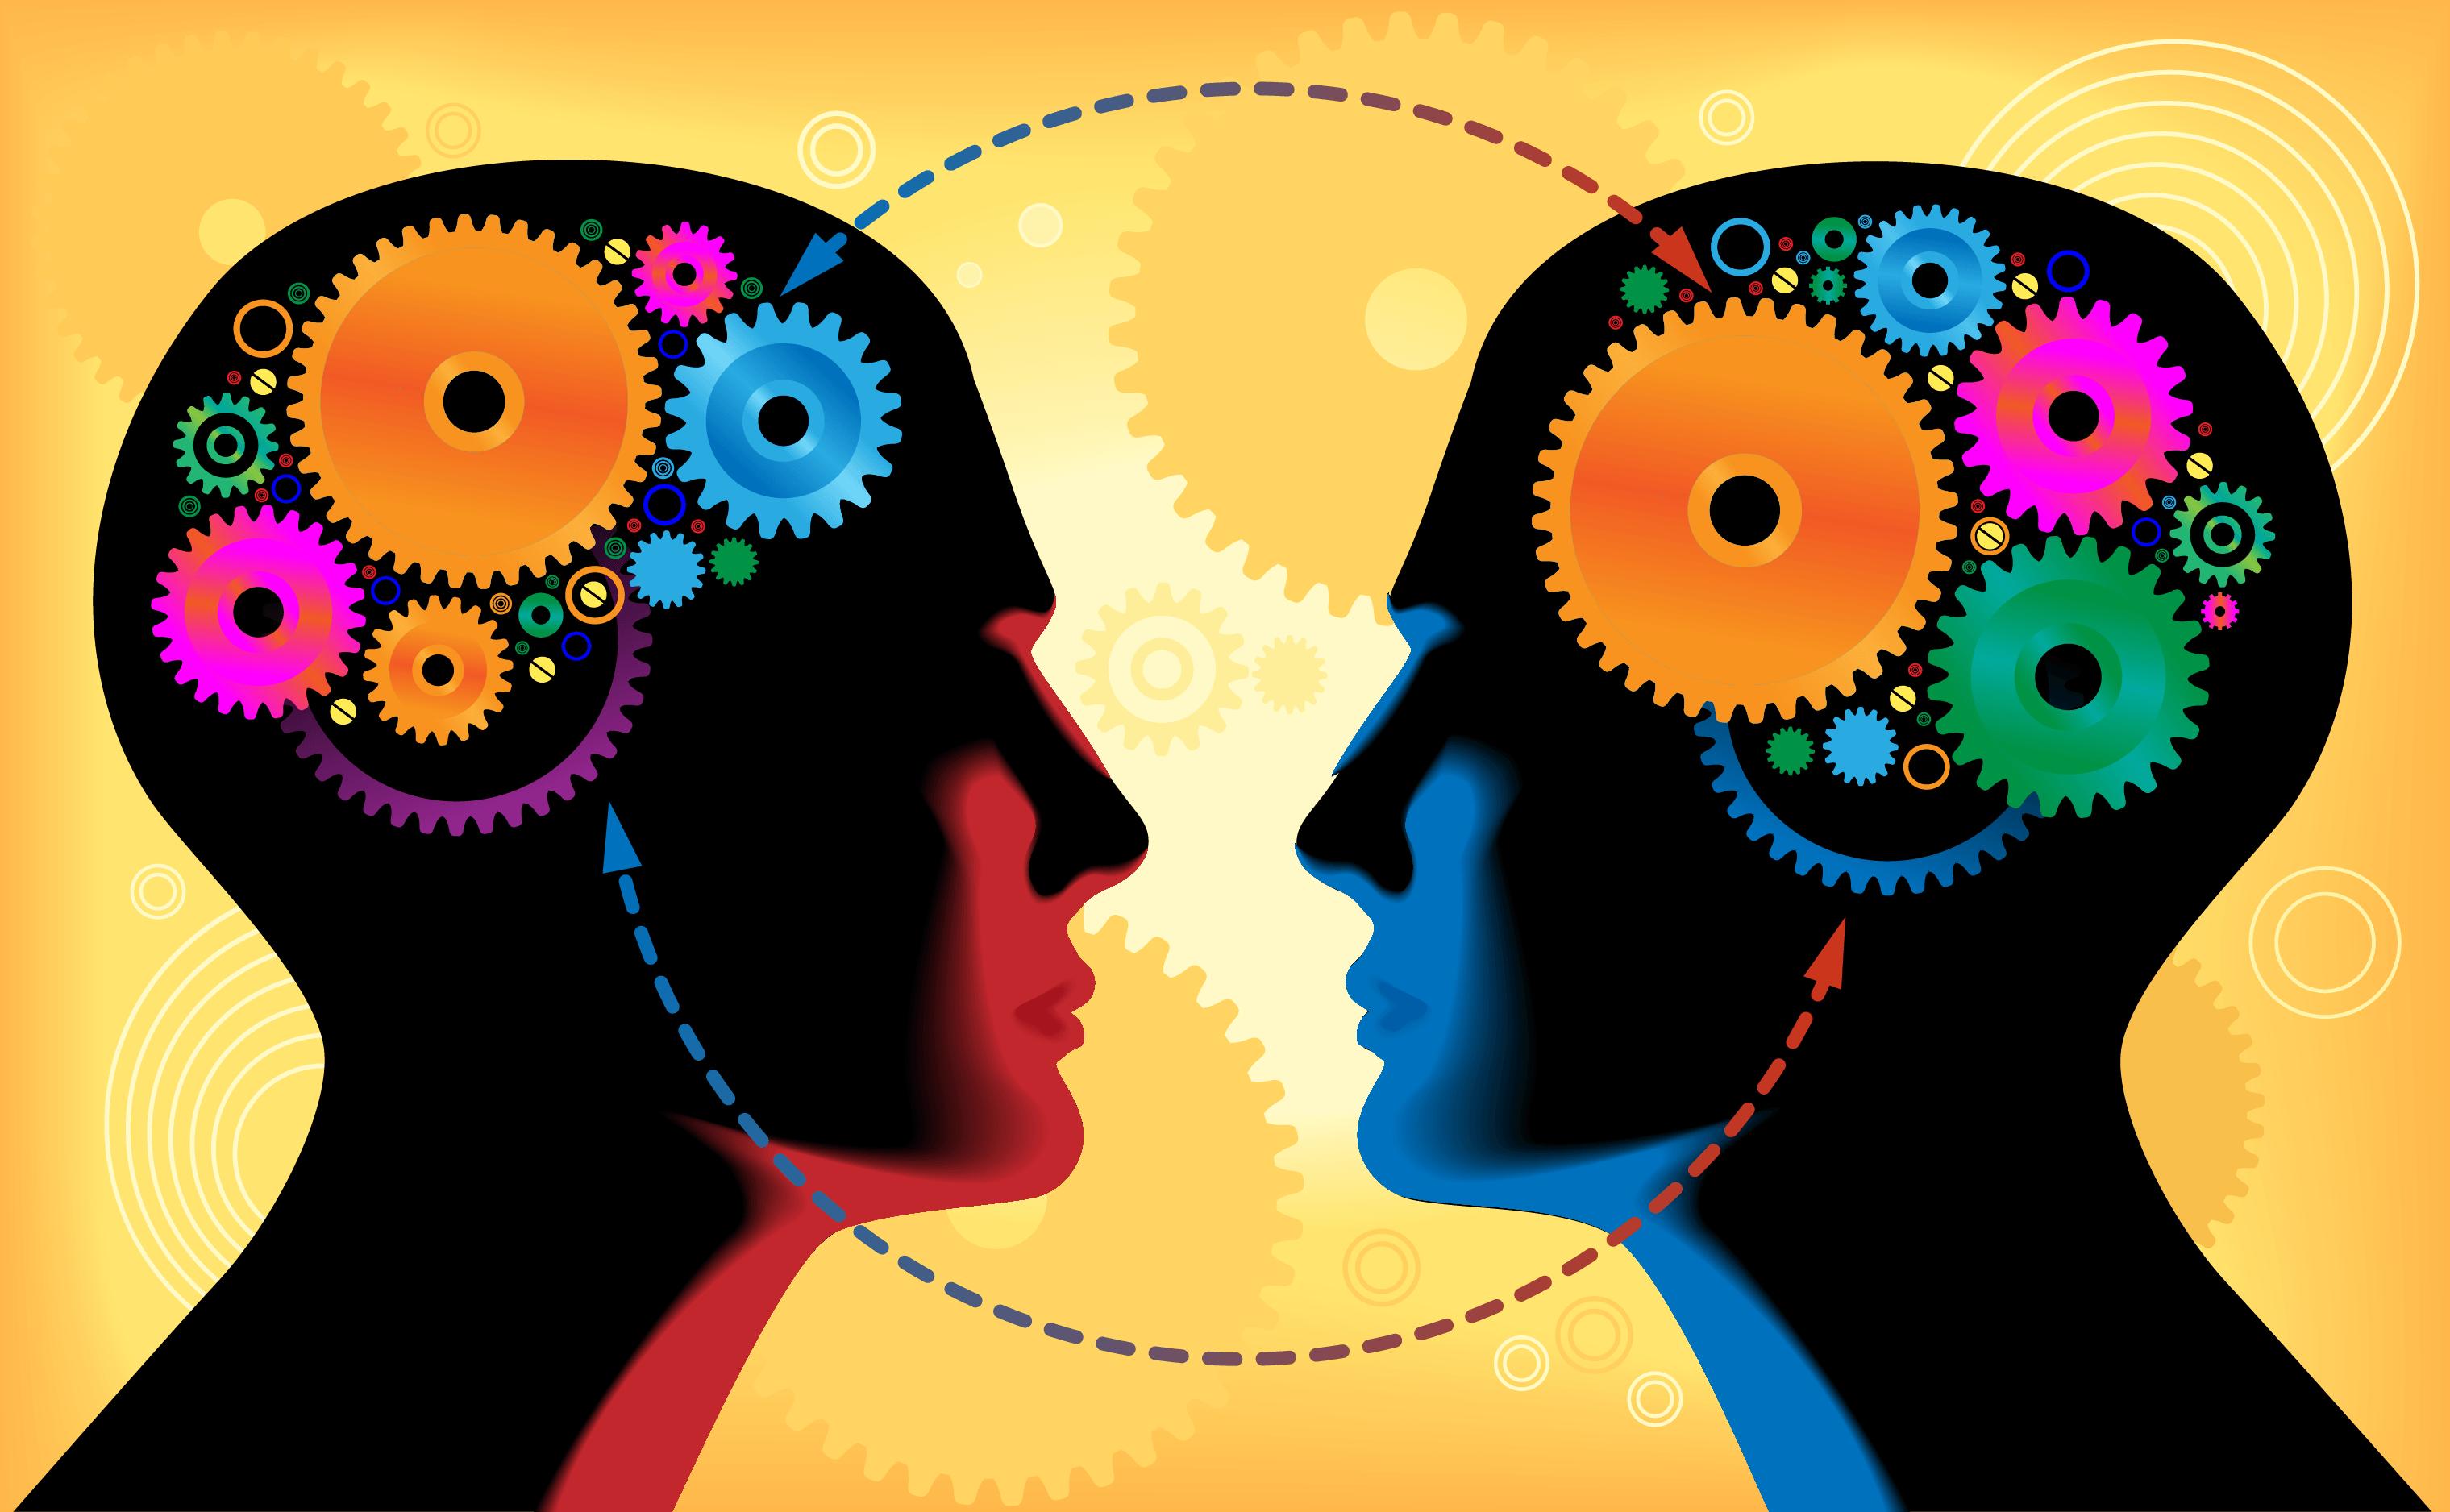 تفاوت بین قوانین علمی و نظریههای علمی چیست؟